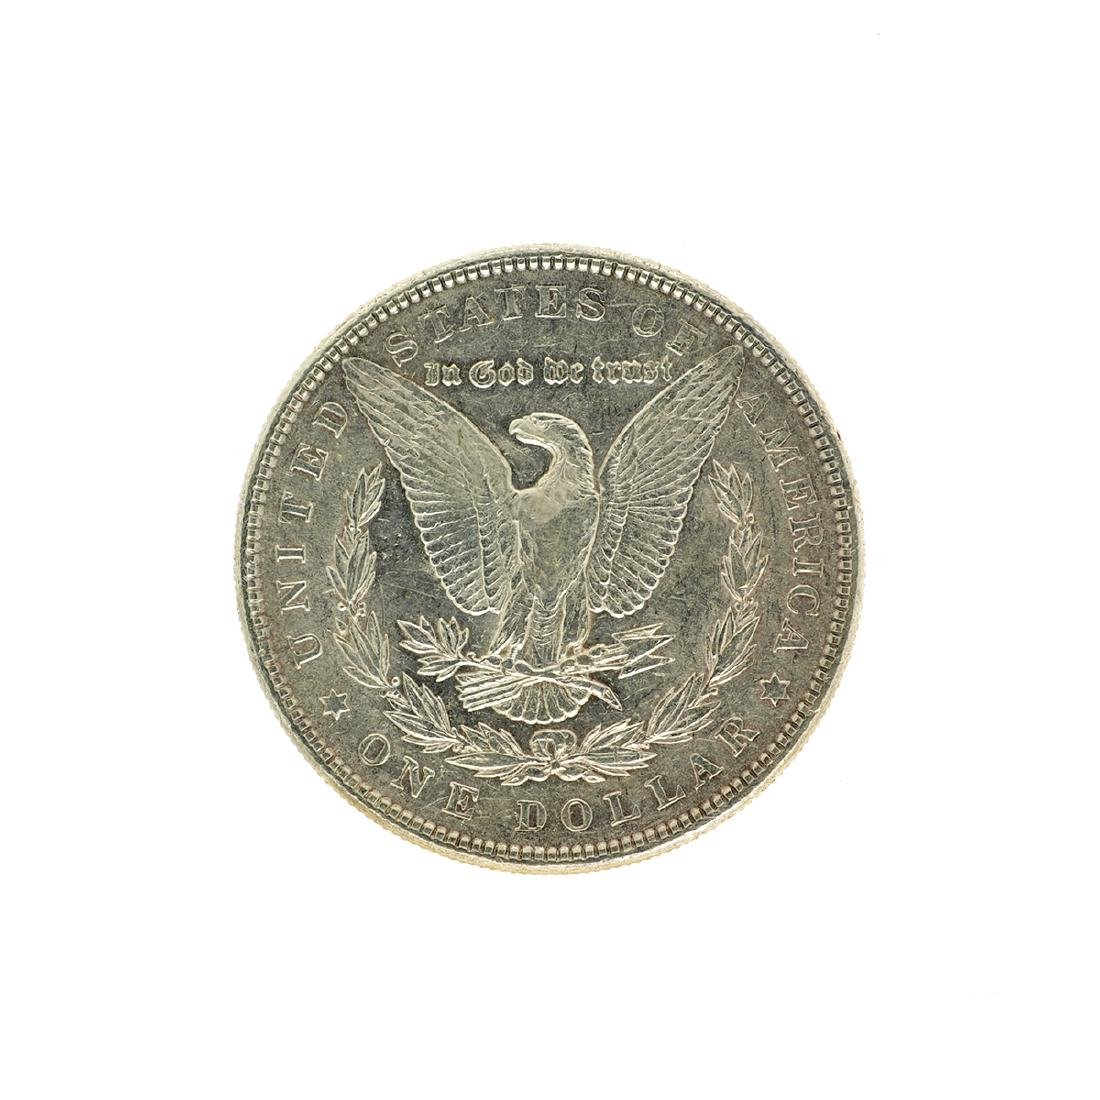 1886 Morgan Silver Dollar Coin - 2